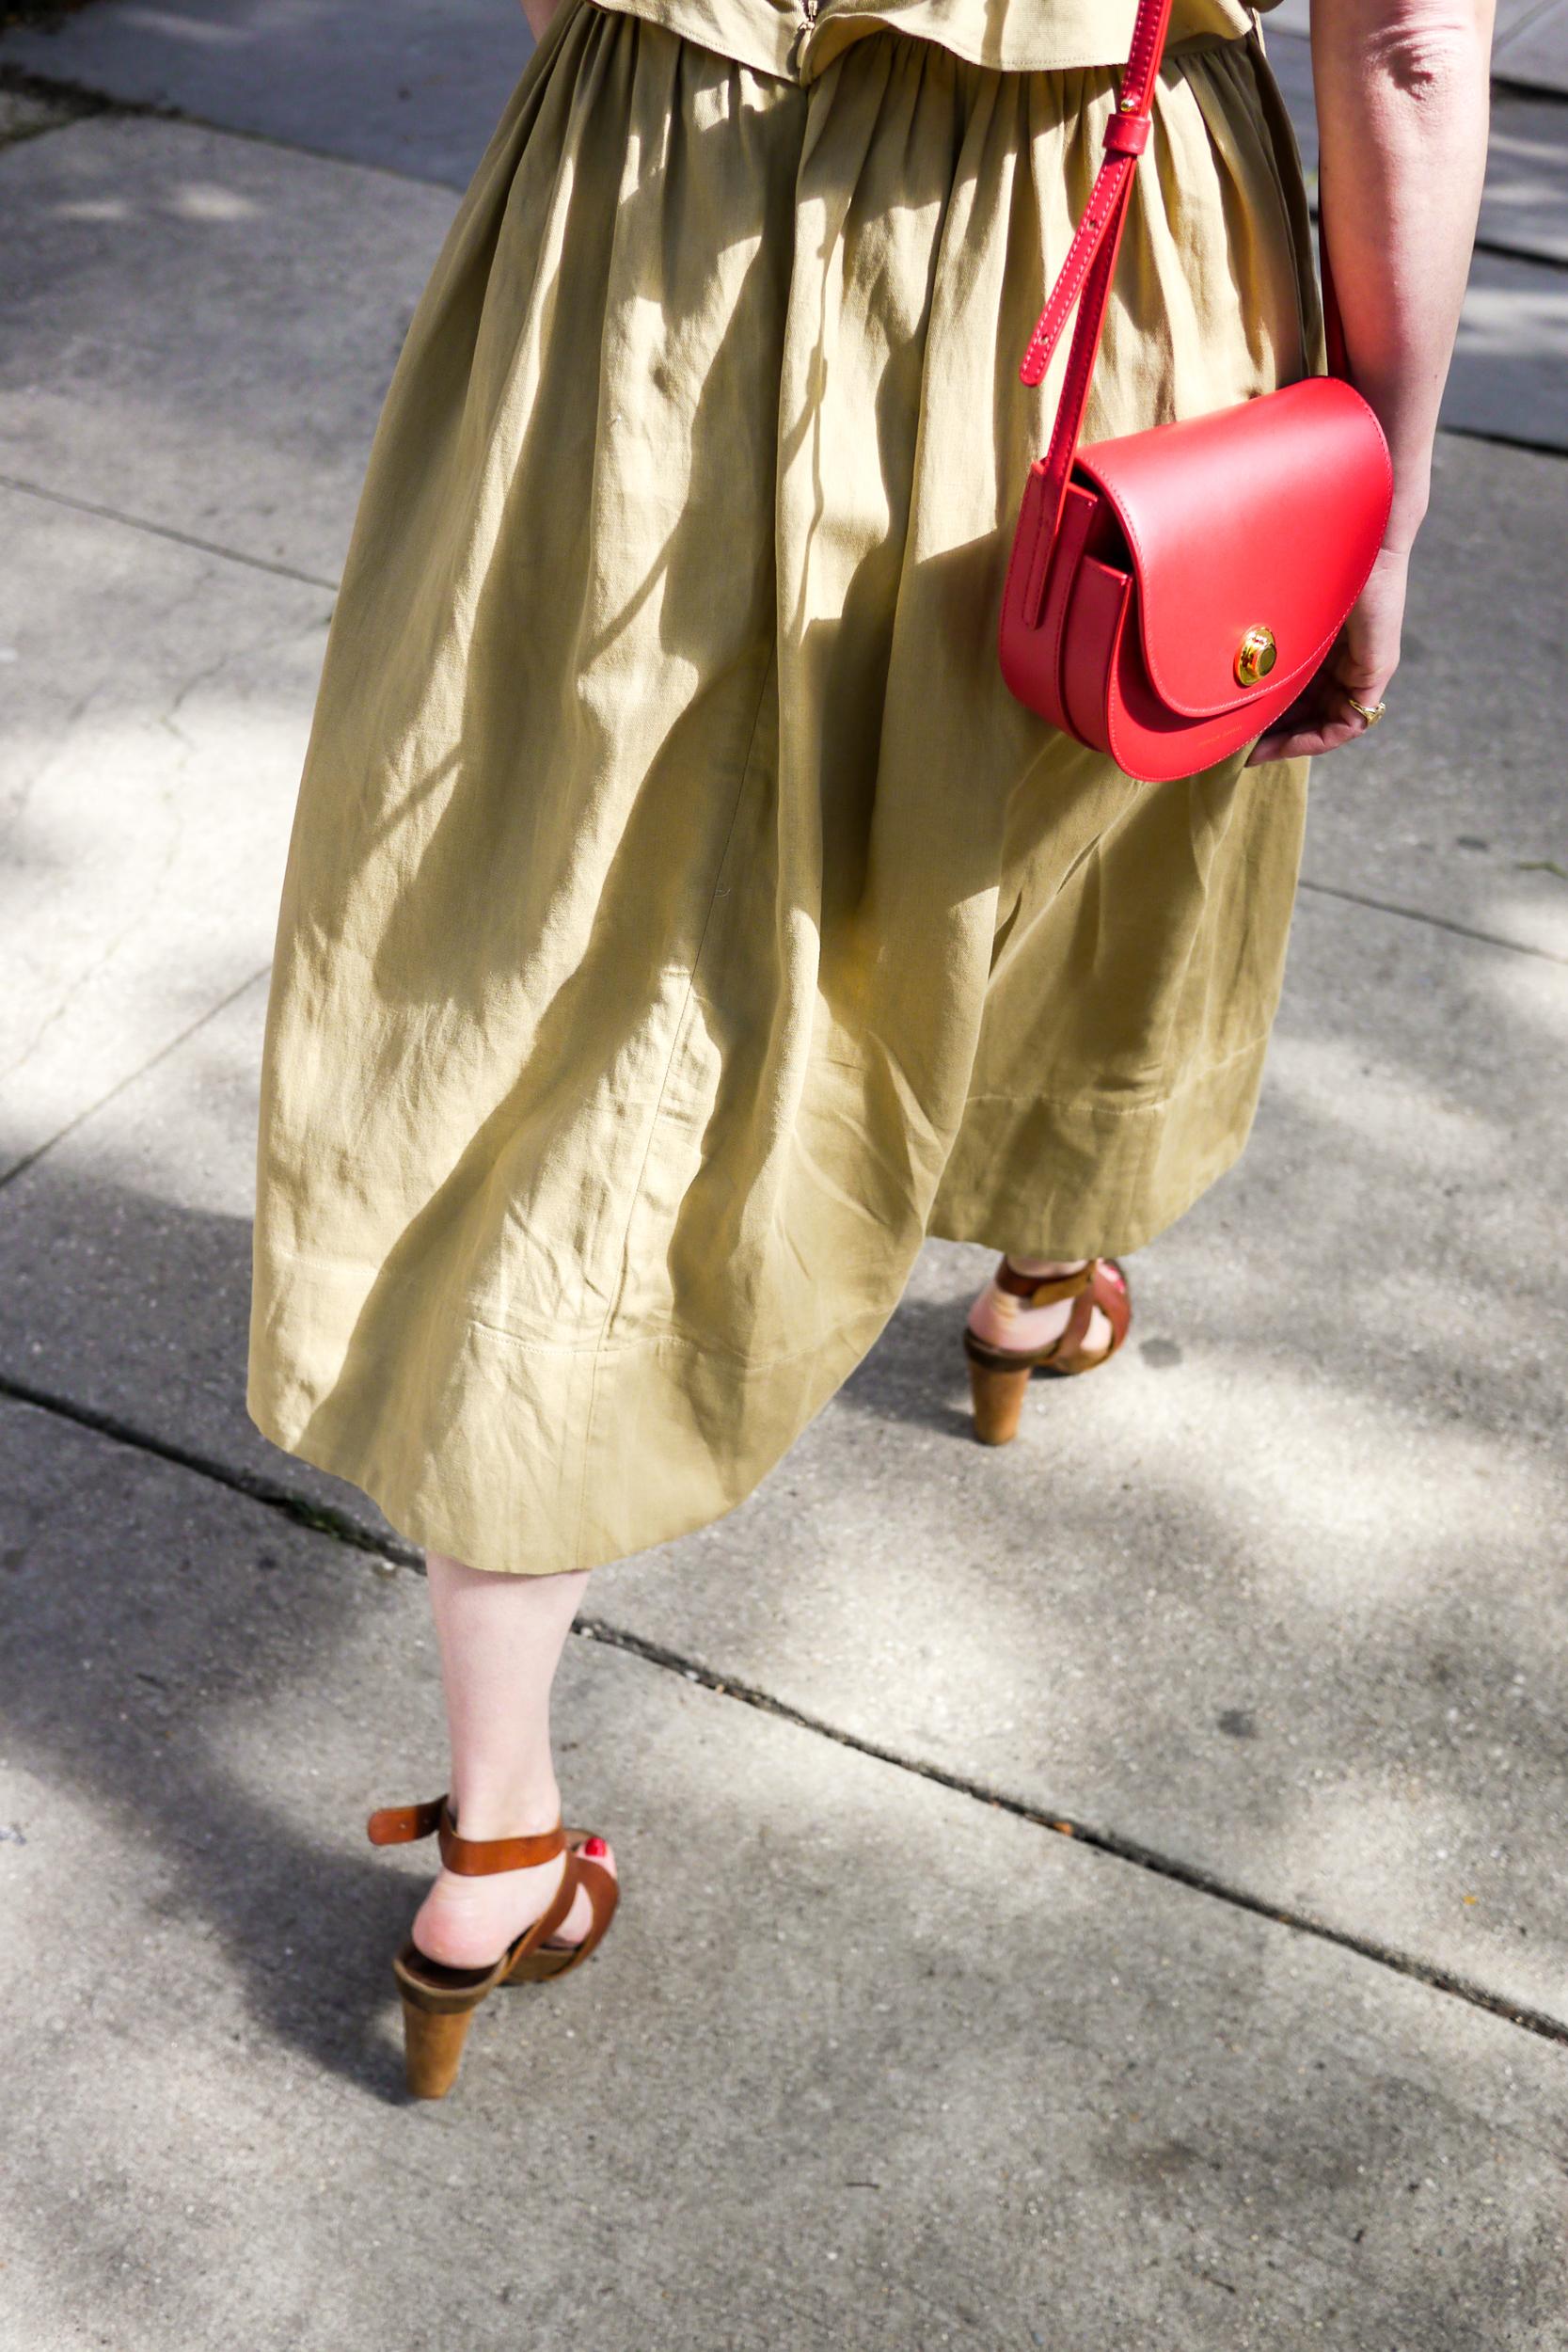 Streetstyle Details:    Dress, Ulla Johnson   ;    Shoes, Handmade   ;    Bag, Mansur Gavriel   ;    Earrings, Kathleen Whitaker